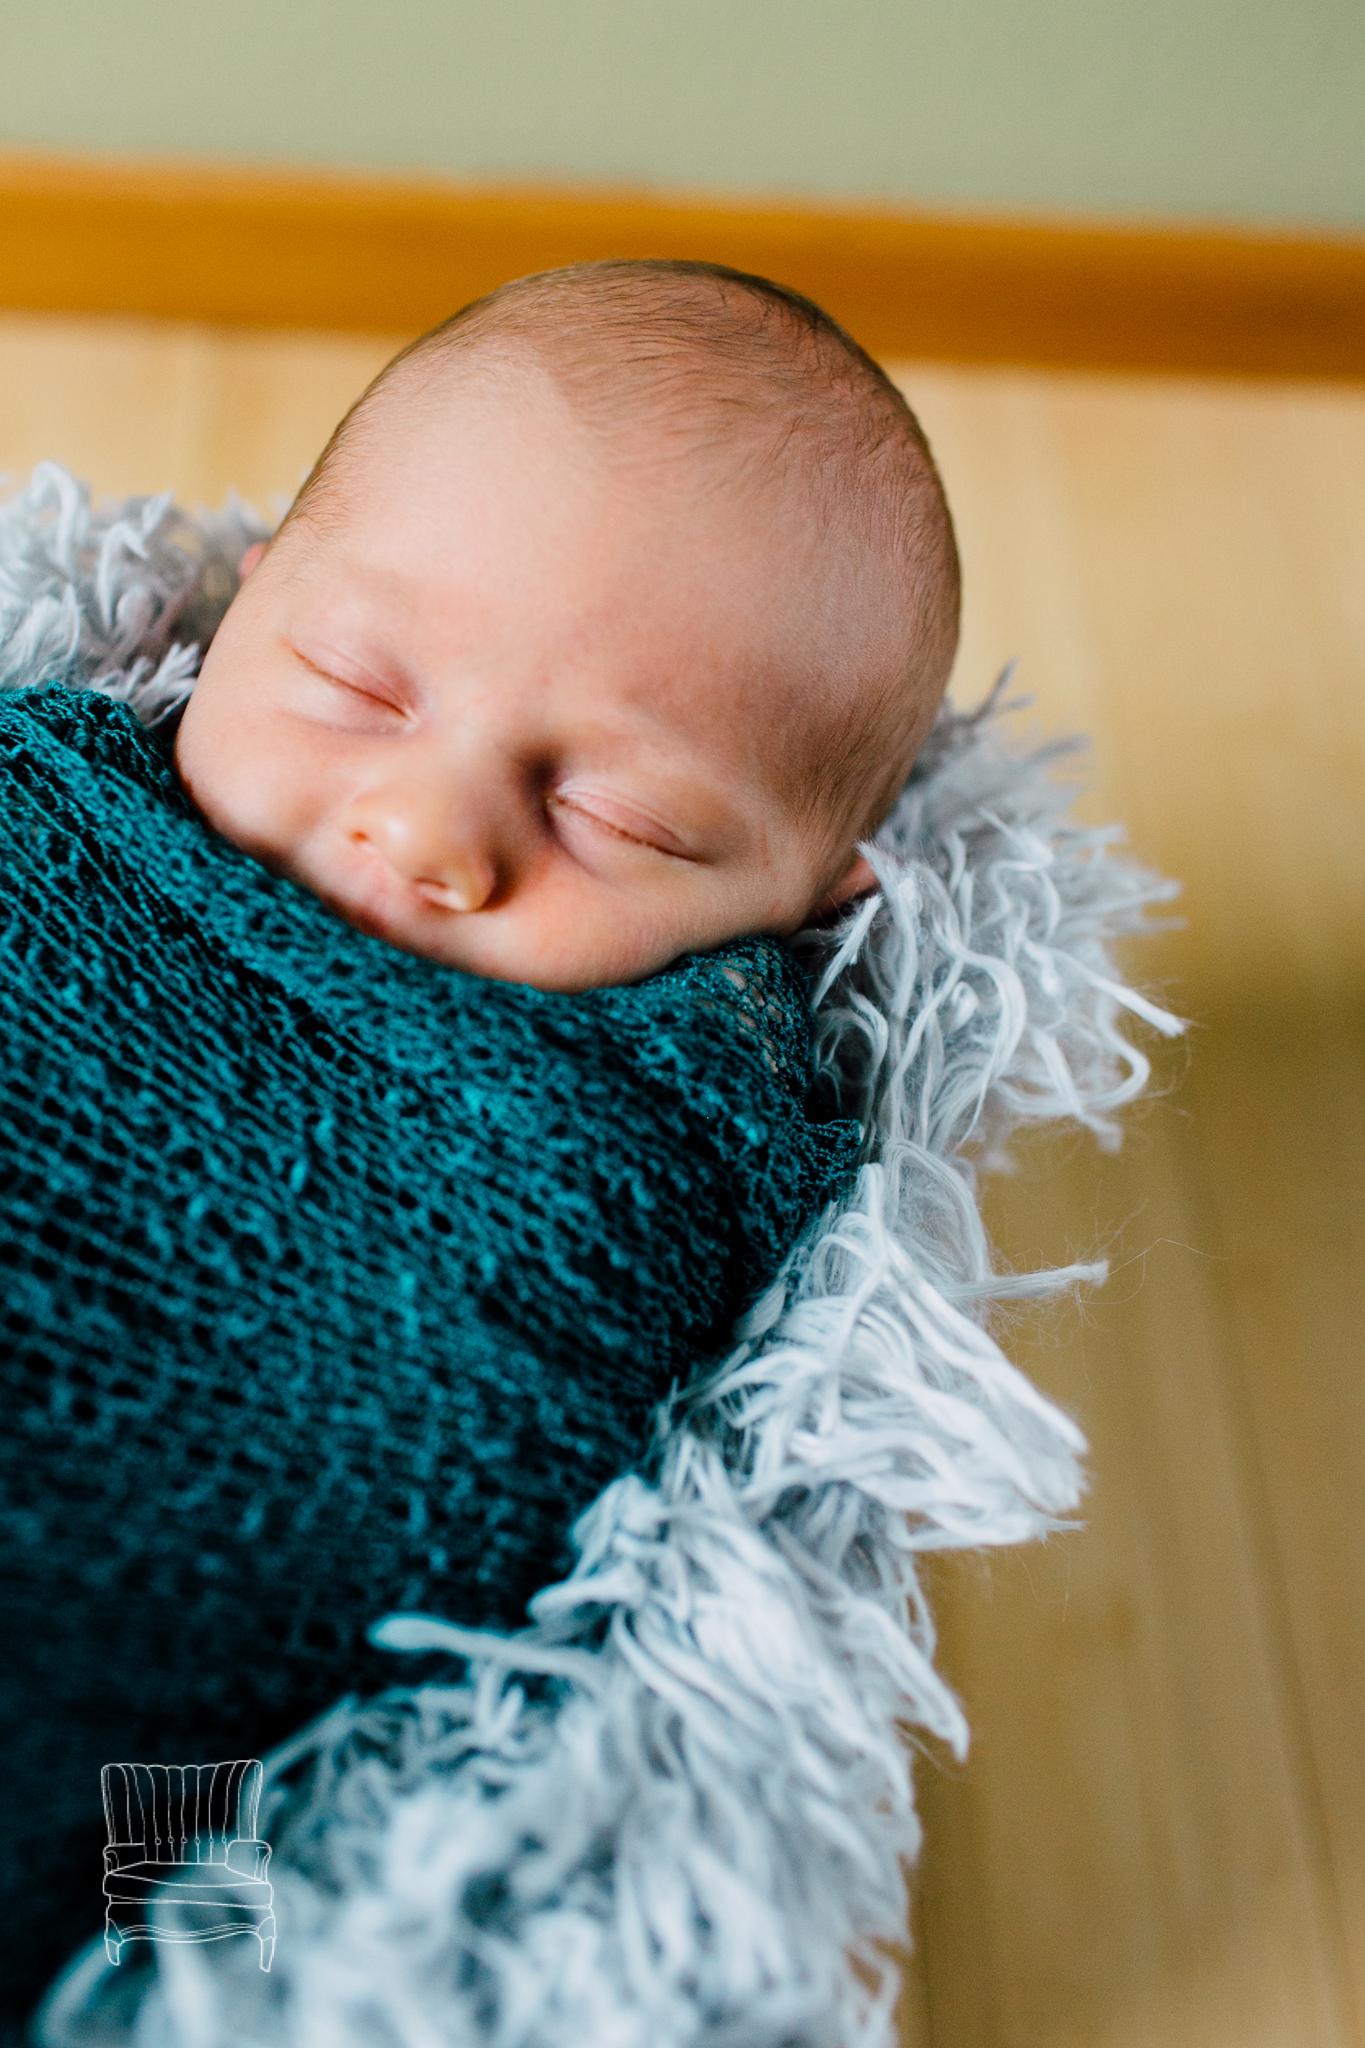 bellingham-newborn-photographer-katheryn-moran-hadley -5.jpg